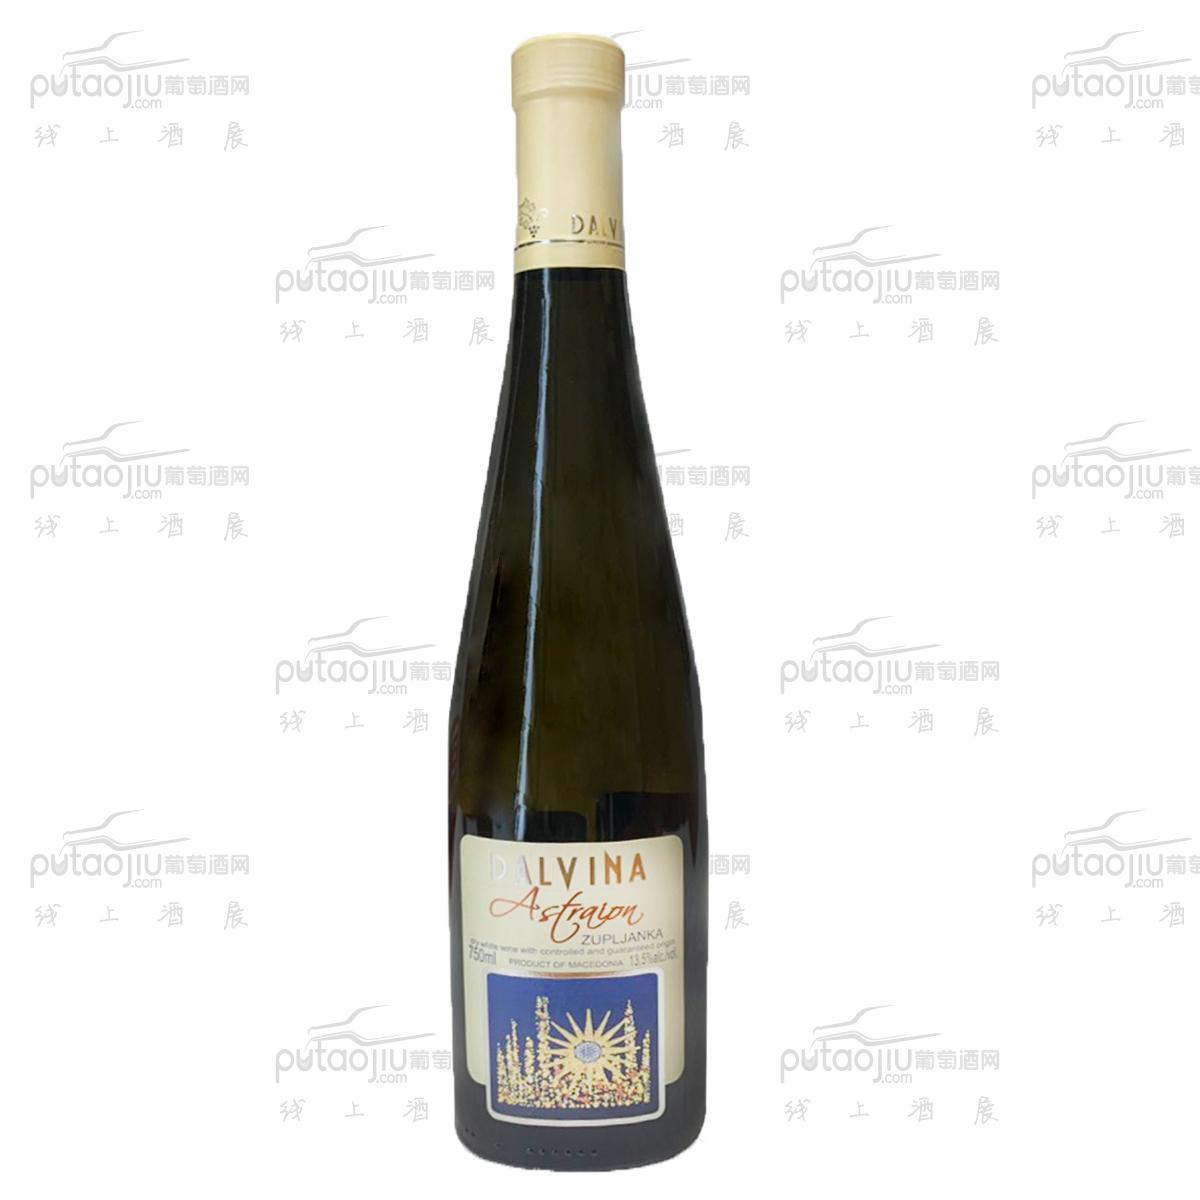 戴维娜朱普良卡干白葡萄酒